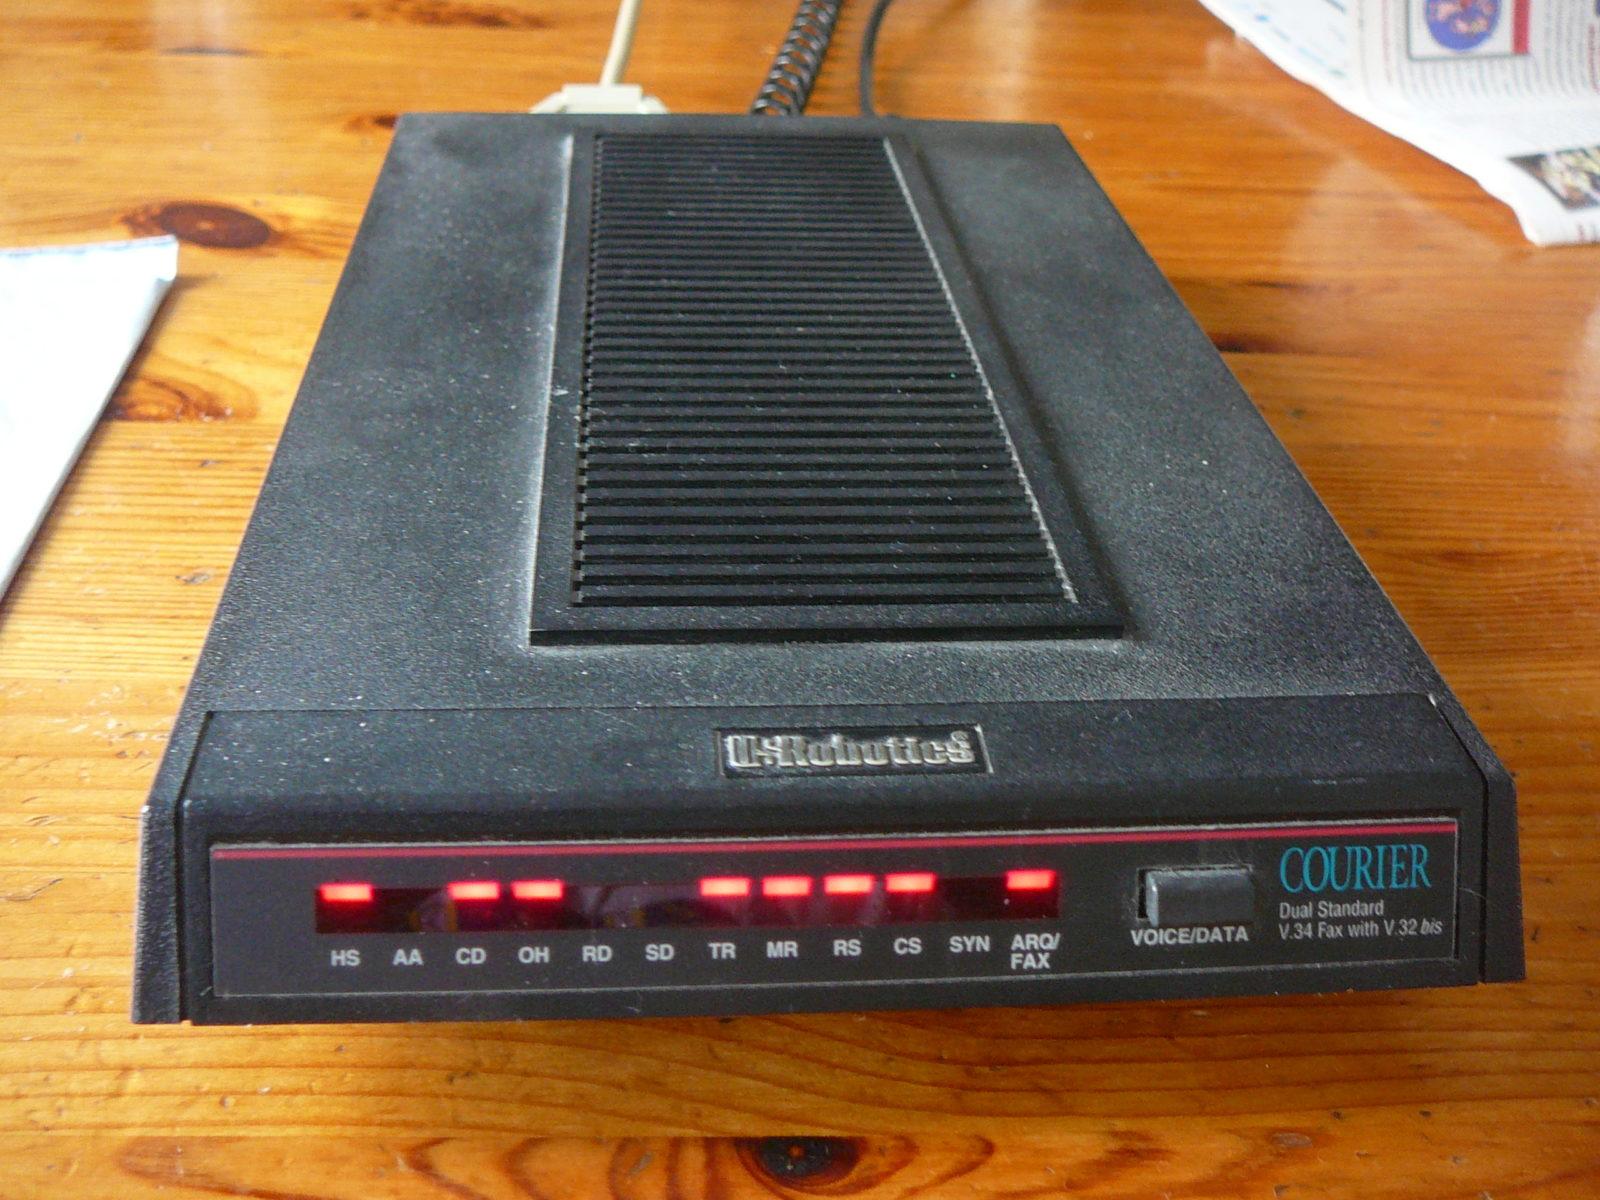 US Robotics analog modem Courier V34